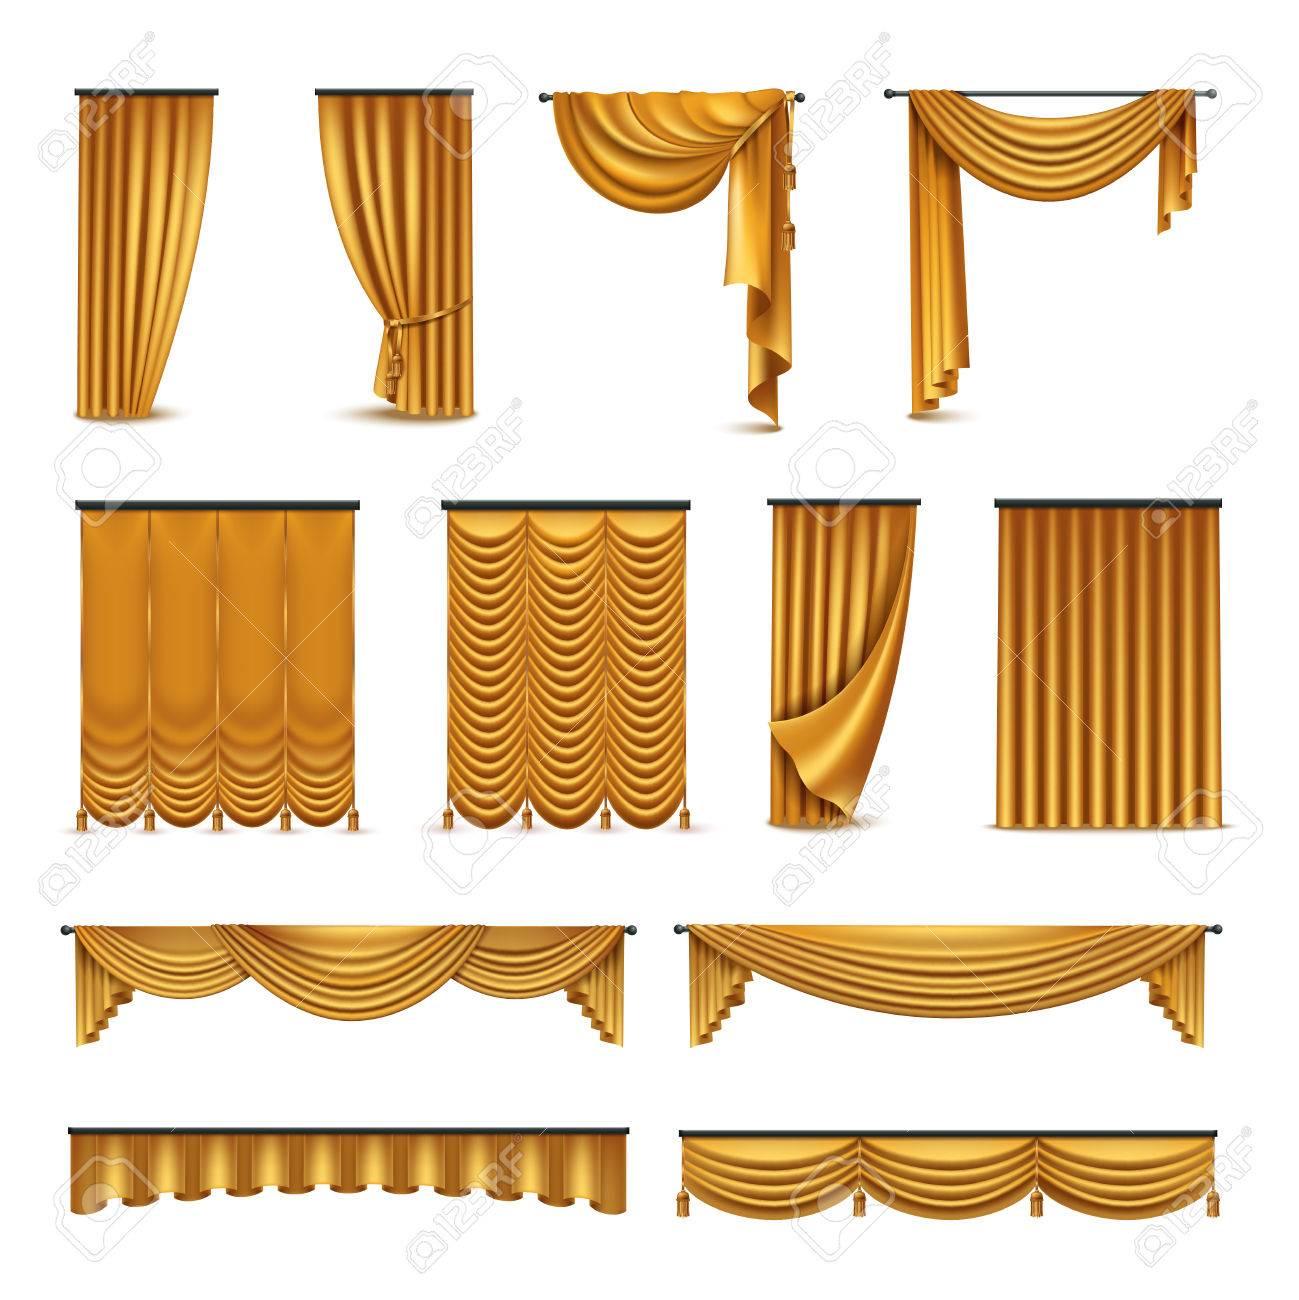 Interieur Ideeen Gordijnen.Golden Zijdefluweel Luxe Gordijnen En Draperieen Interieur Ontwerp Ideeen Realistische Pictogrammen Geisoleerd Collectie Vector Illustratie